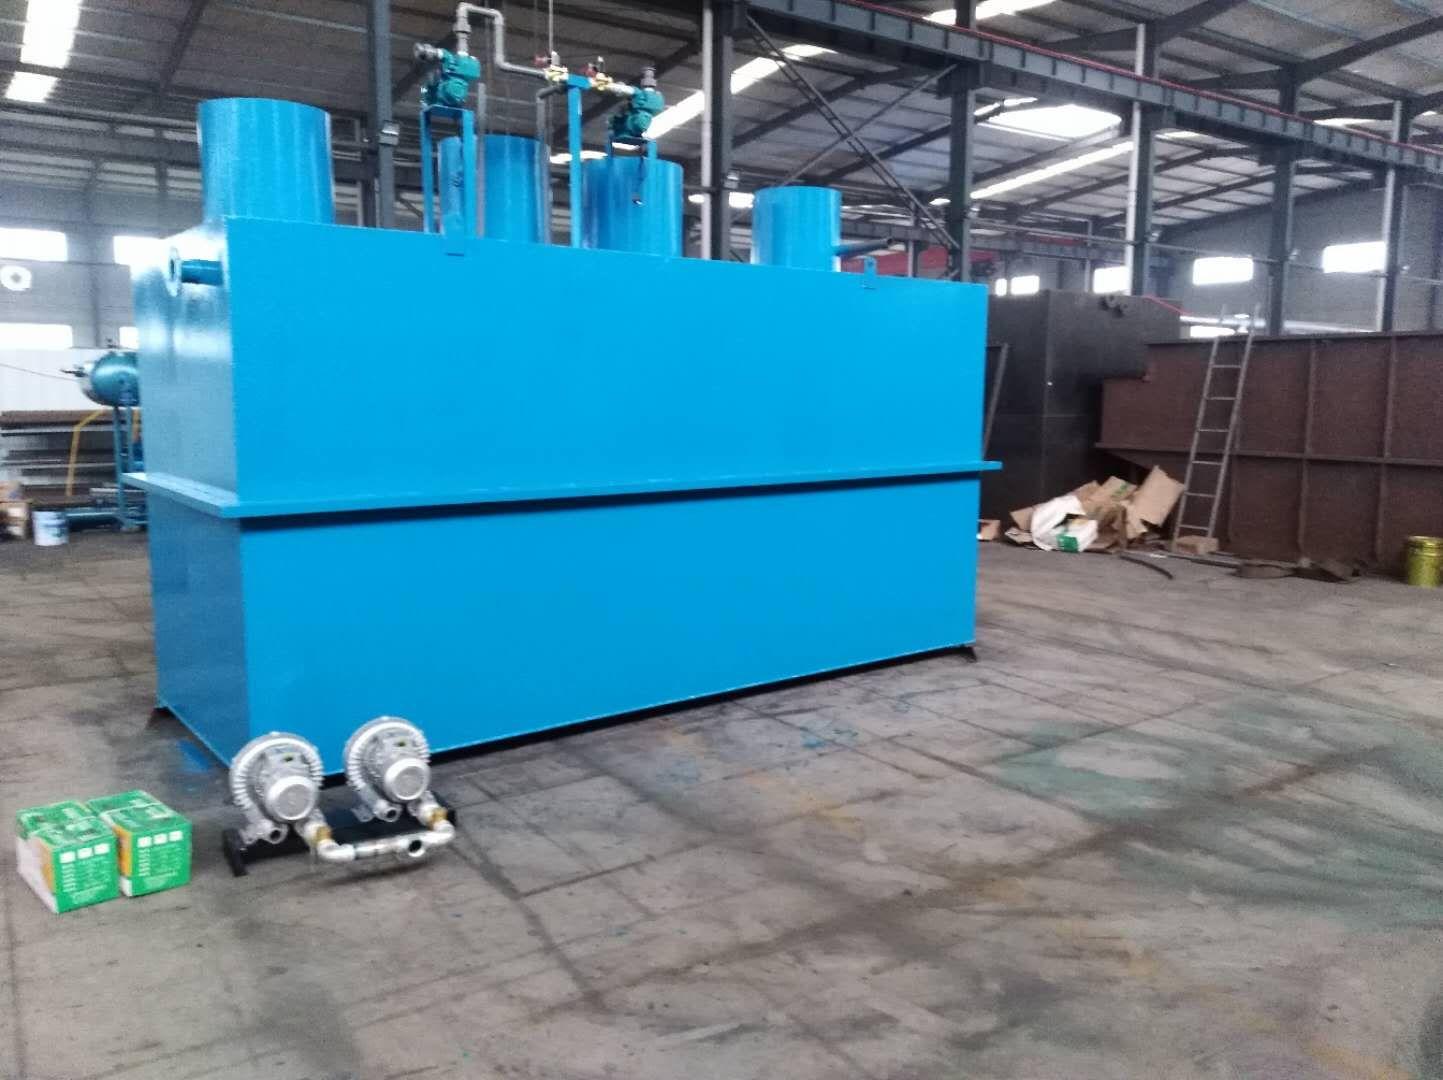 小型污水处理设备,小型污水处理设备设计,小型污水处理设备生产厂家